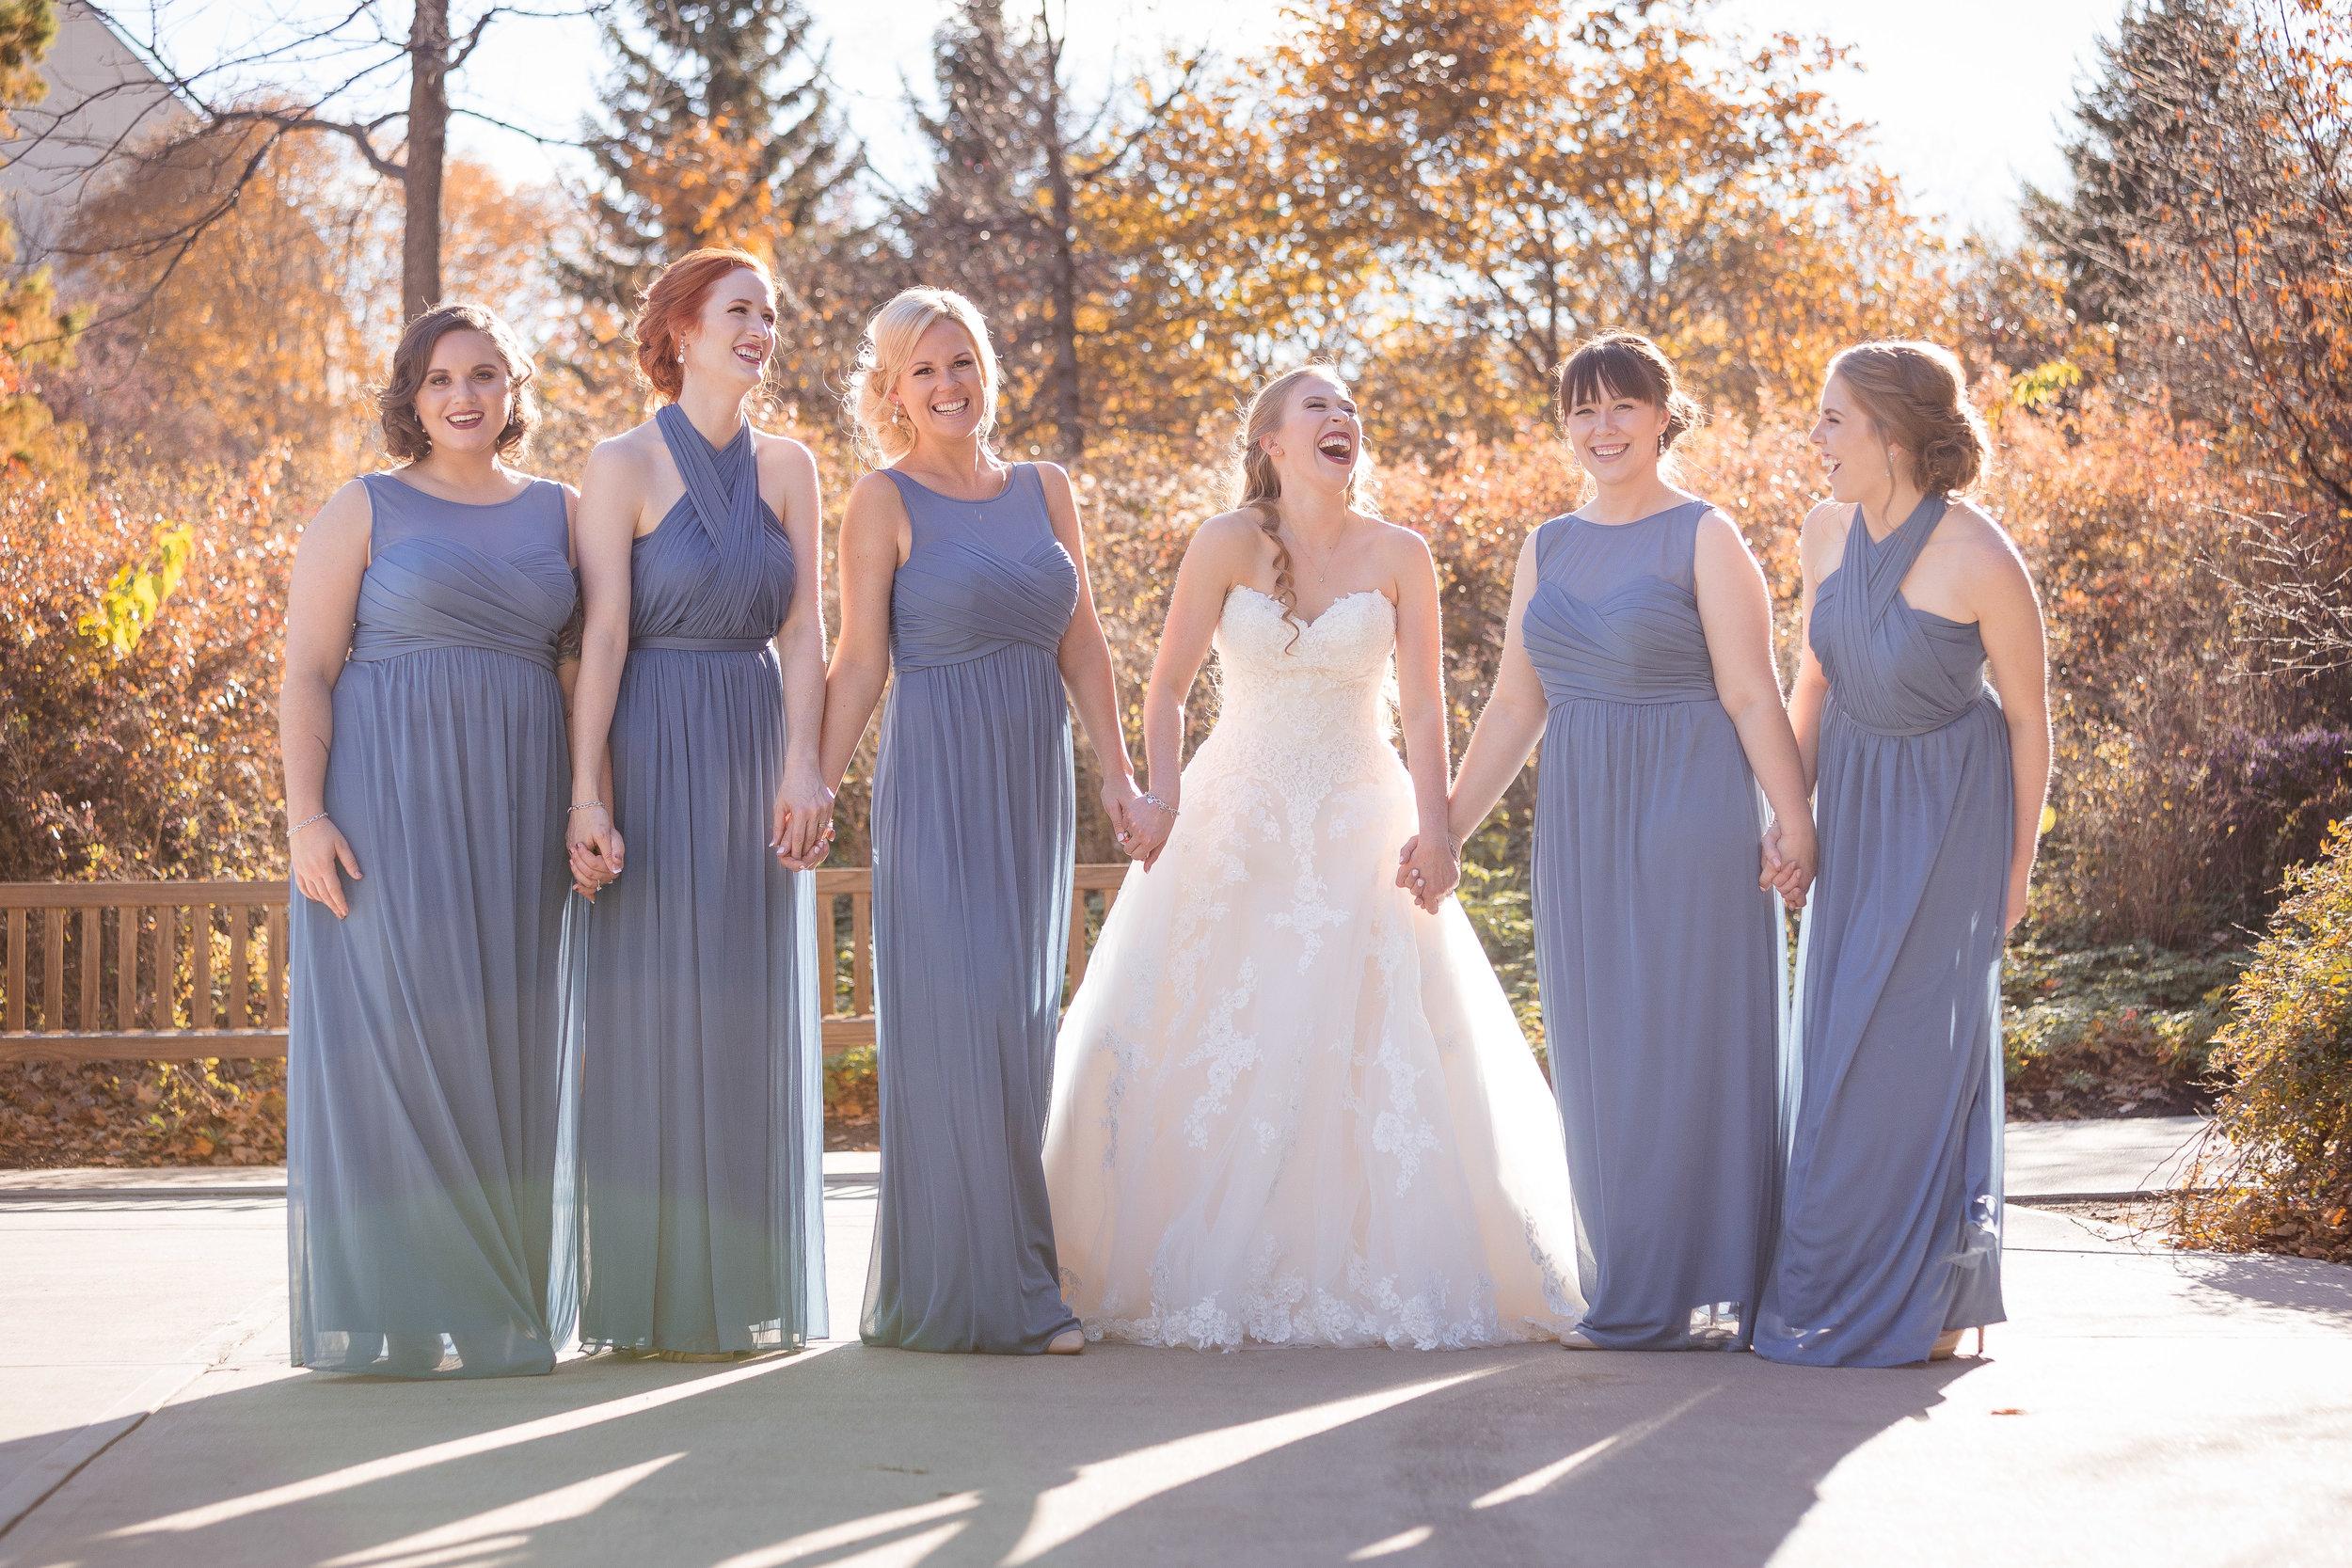 C_Wedding_Spellman, Megan & Tyler_10.27.18-531.JPG